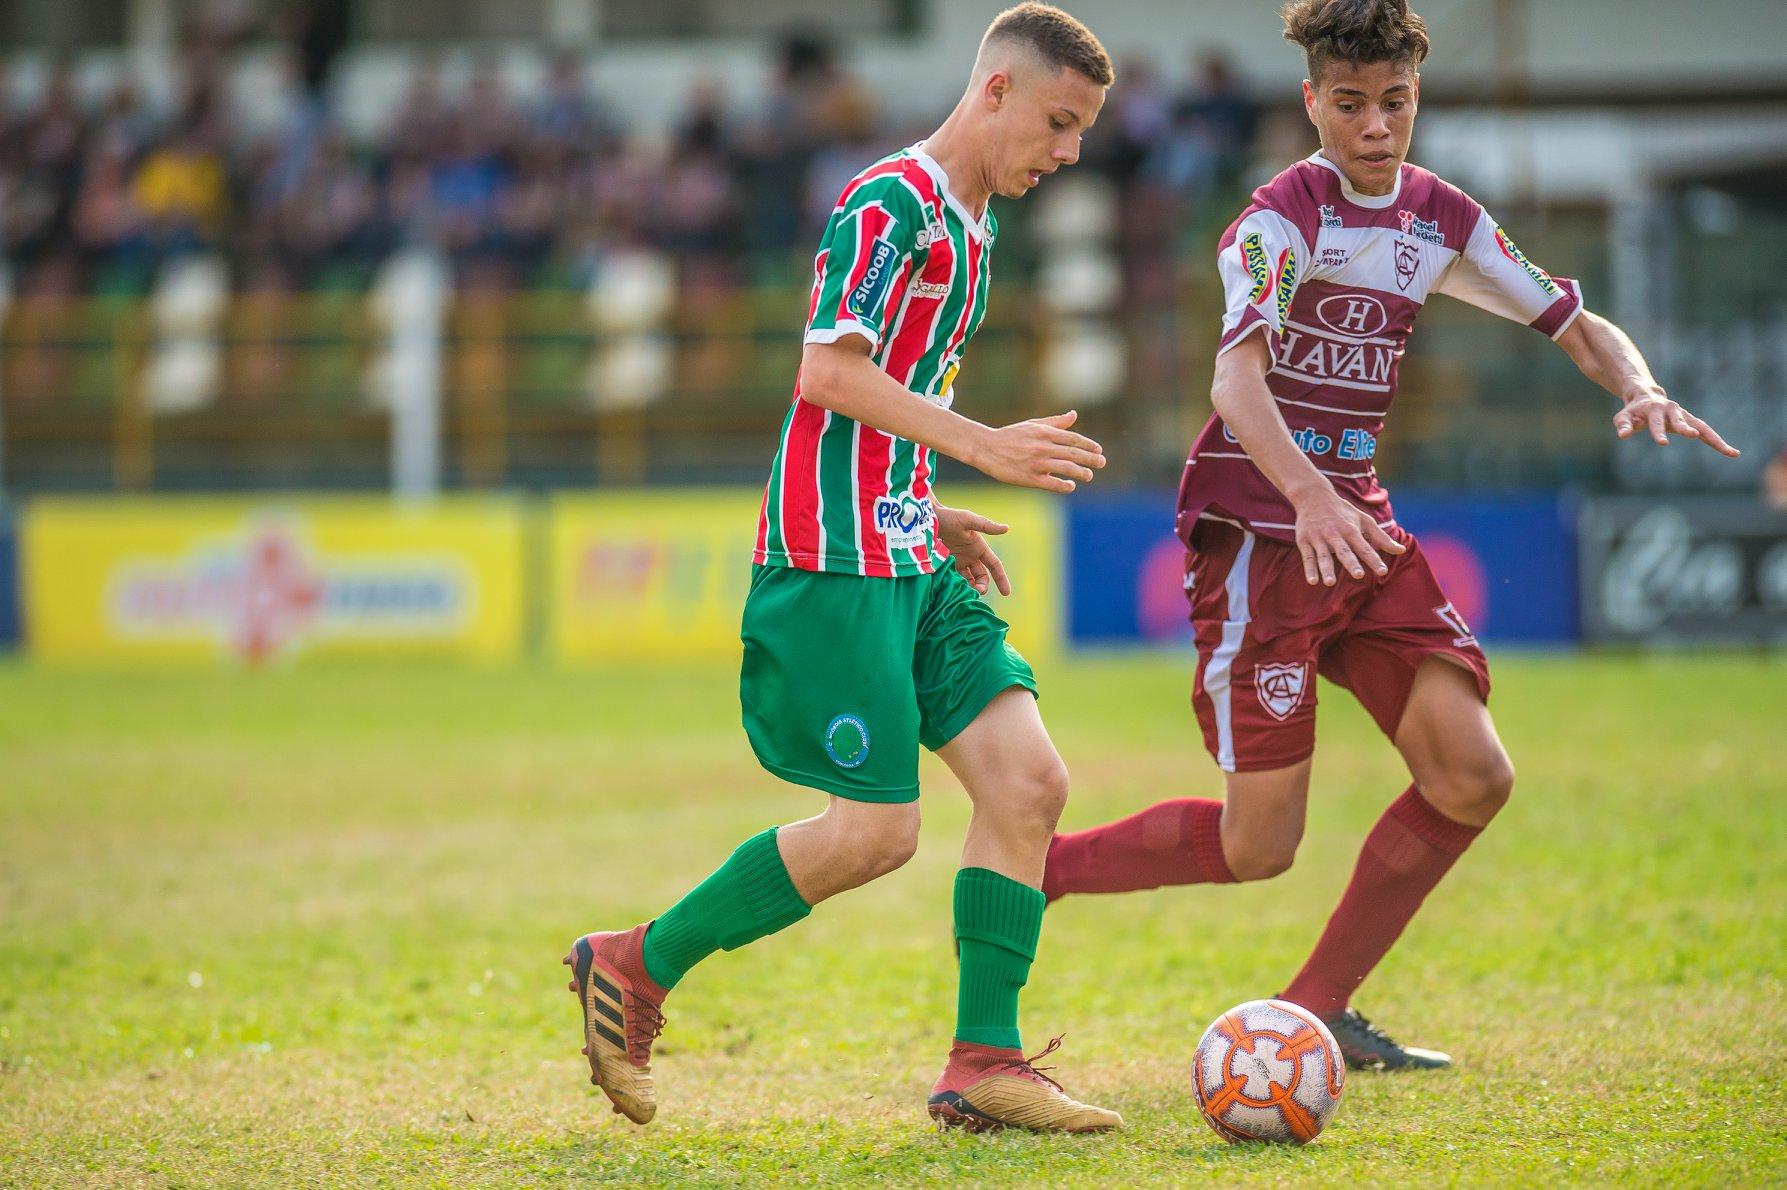 Sub-17 vence e assume a liderança do grupo B da Copa SC